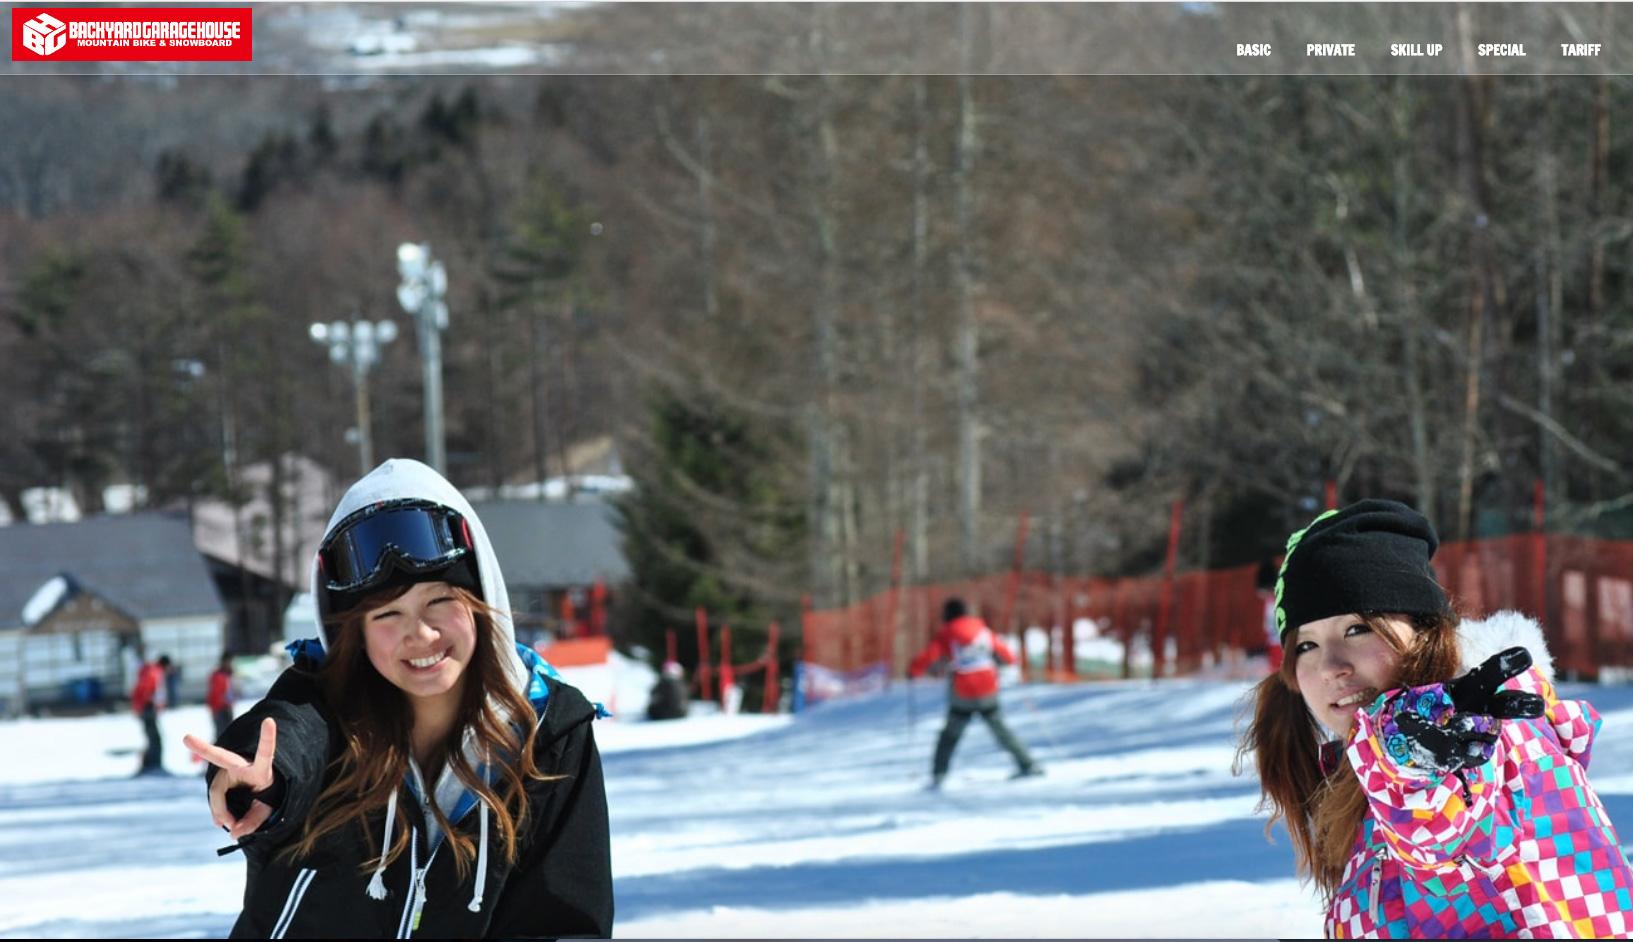 BGH SNOWBORD SCHOOL様のホームページできました。